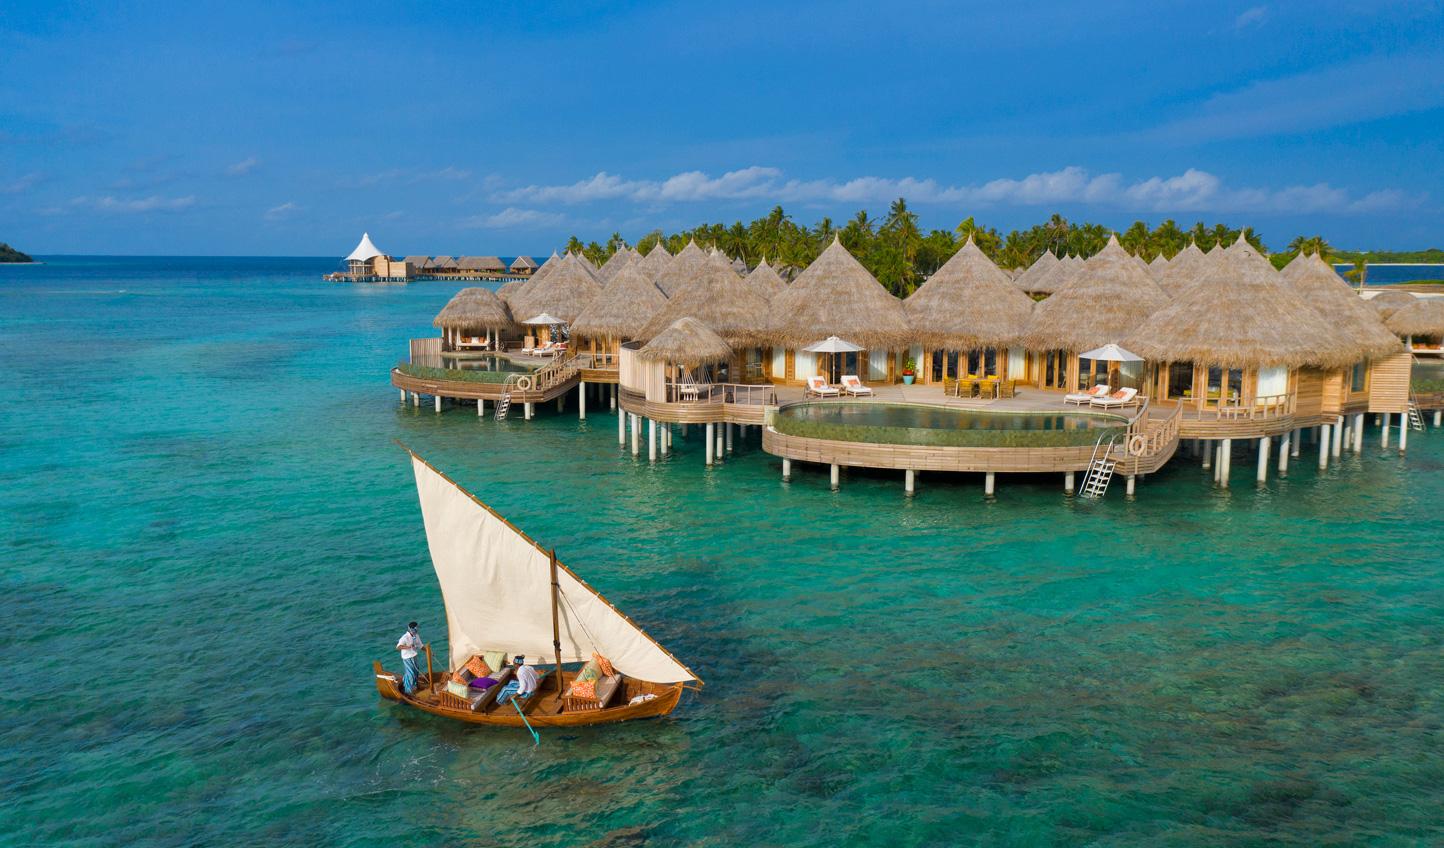 Explore the atoll on a private dhoni cruise